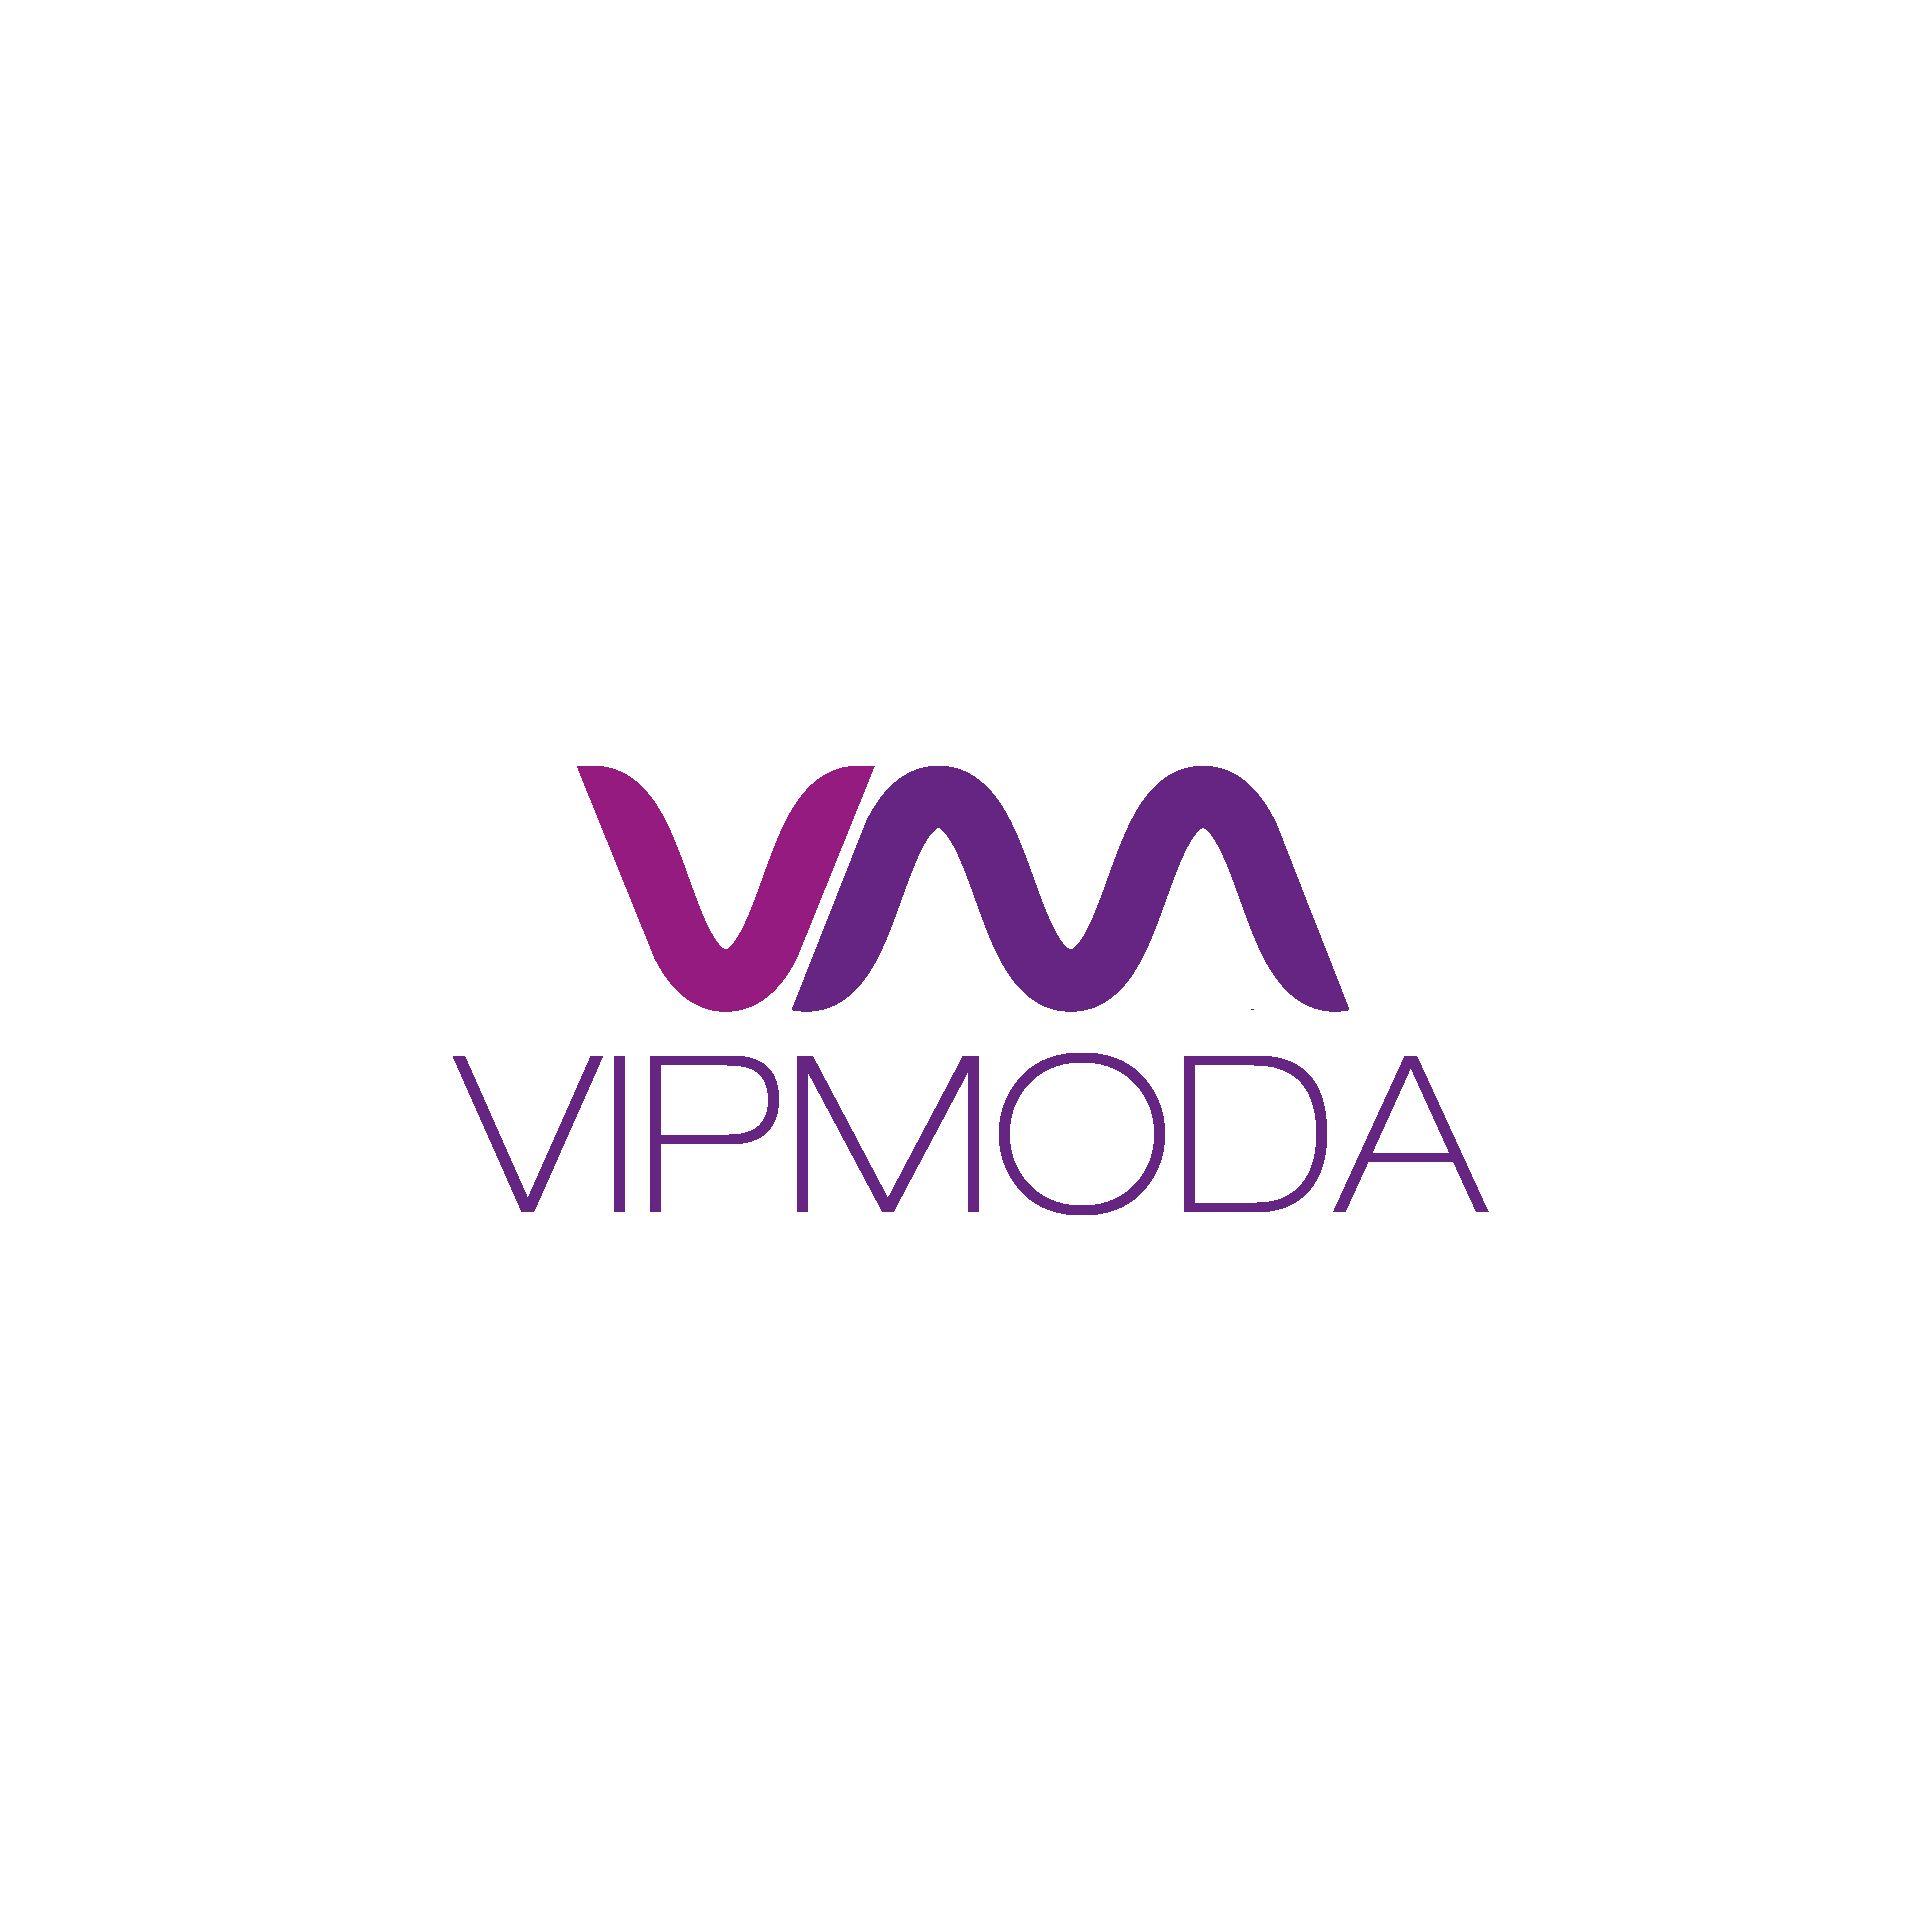 Лого и фирменный стиль компании ВИПМОДА  - дизайнер alpine-gold